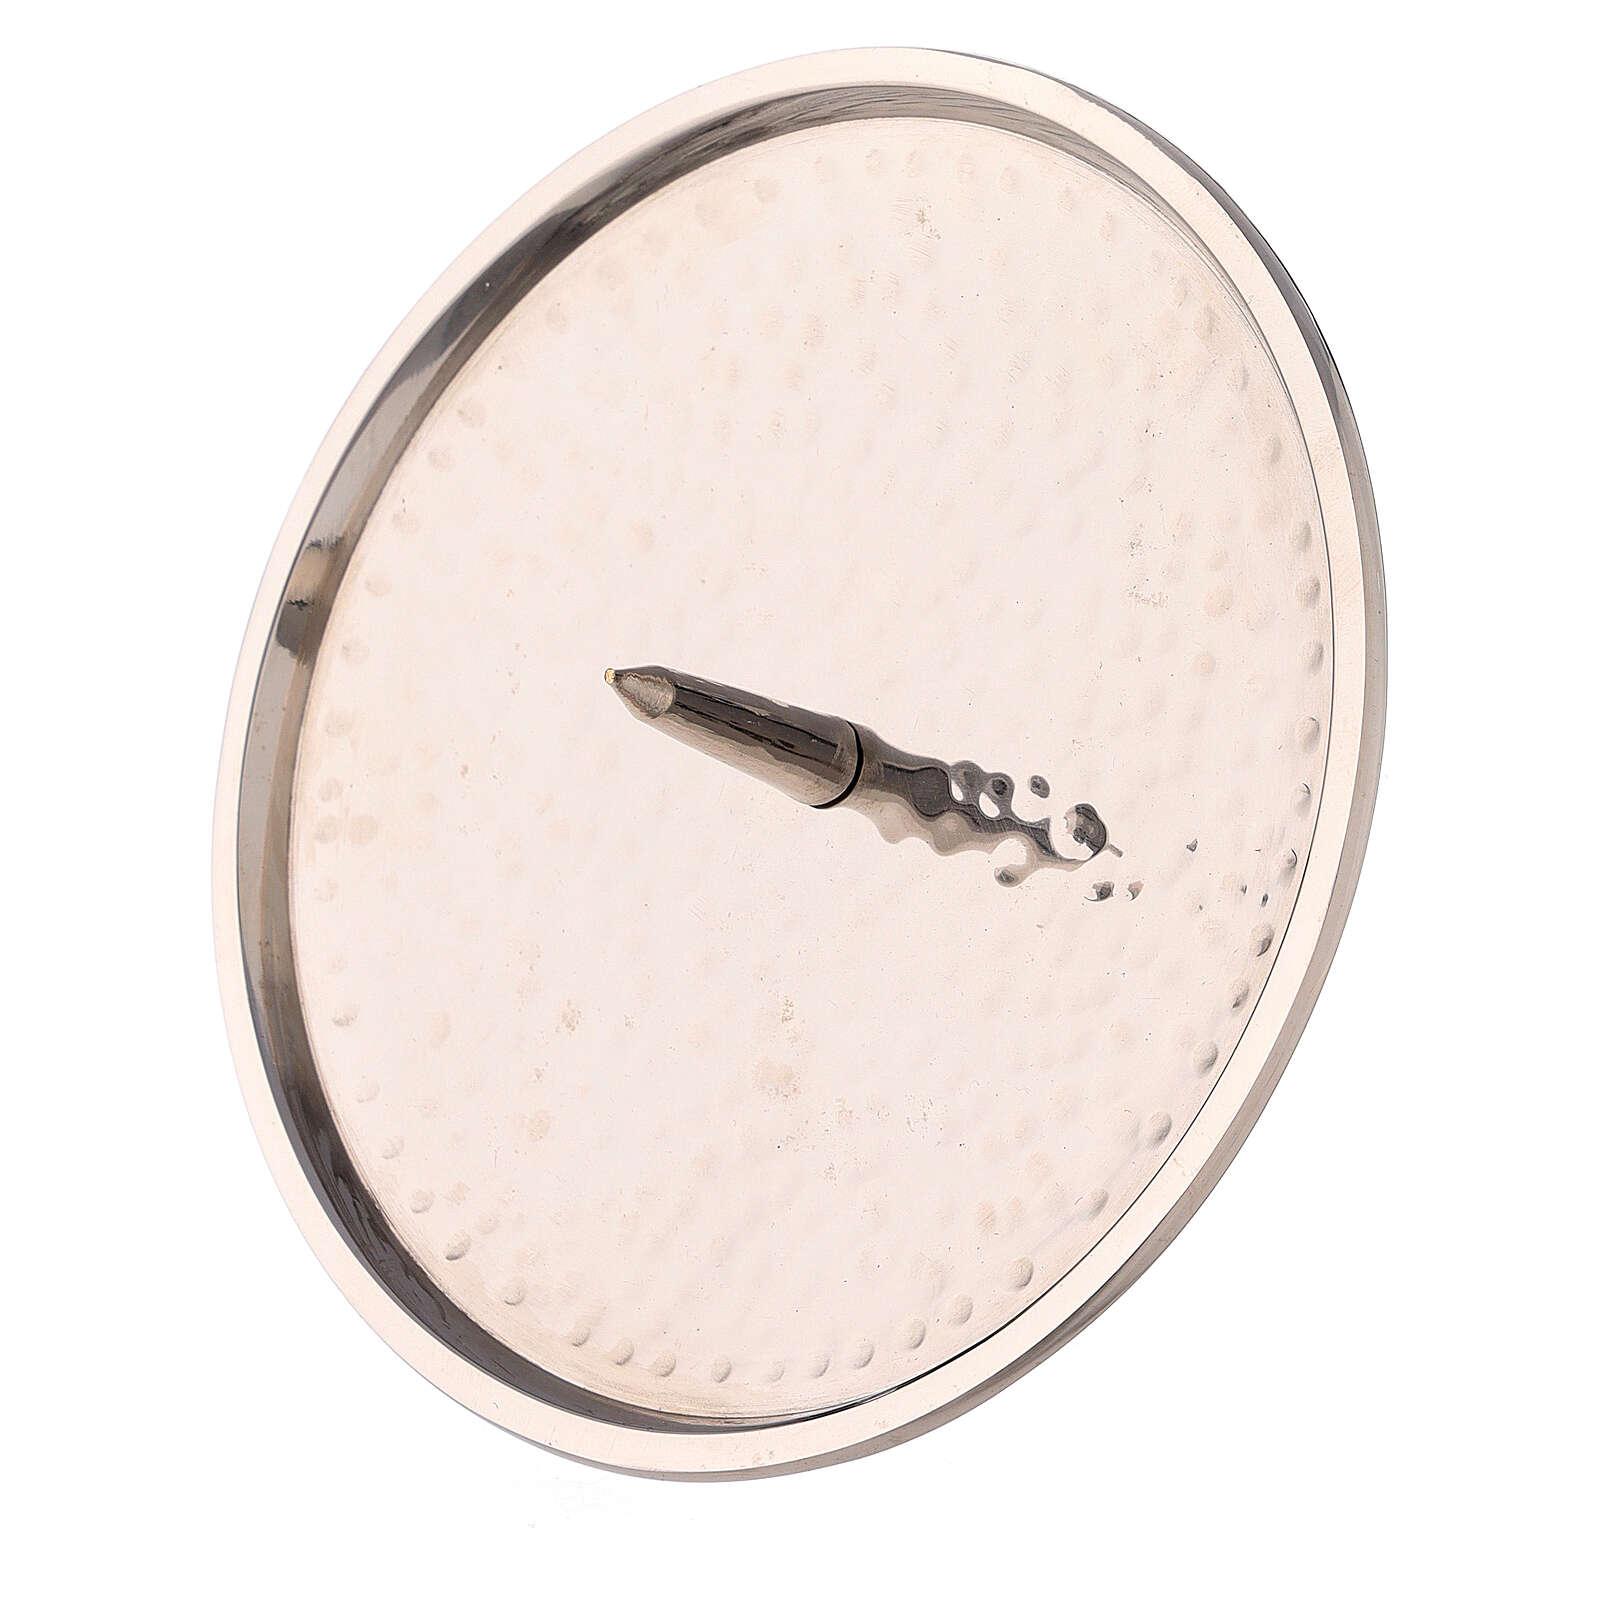 Assiette pour bougie laiton nickelé martelé 12 cm 3